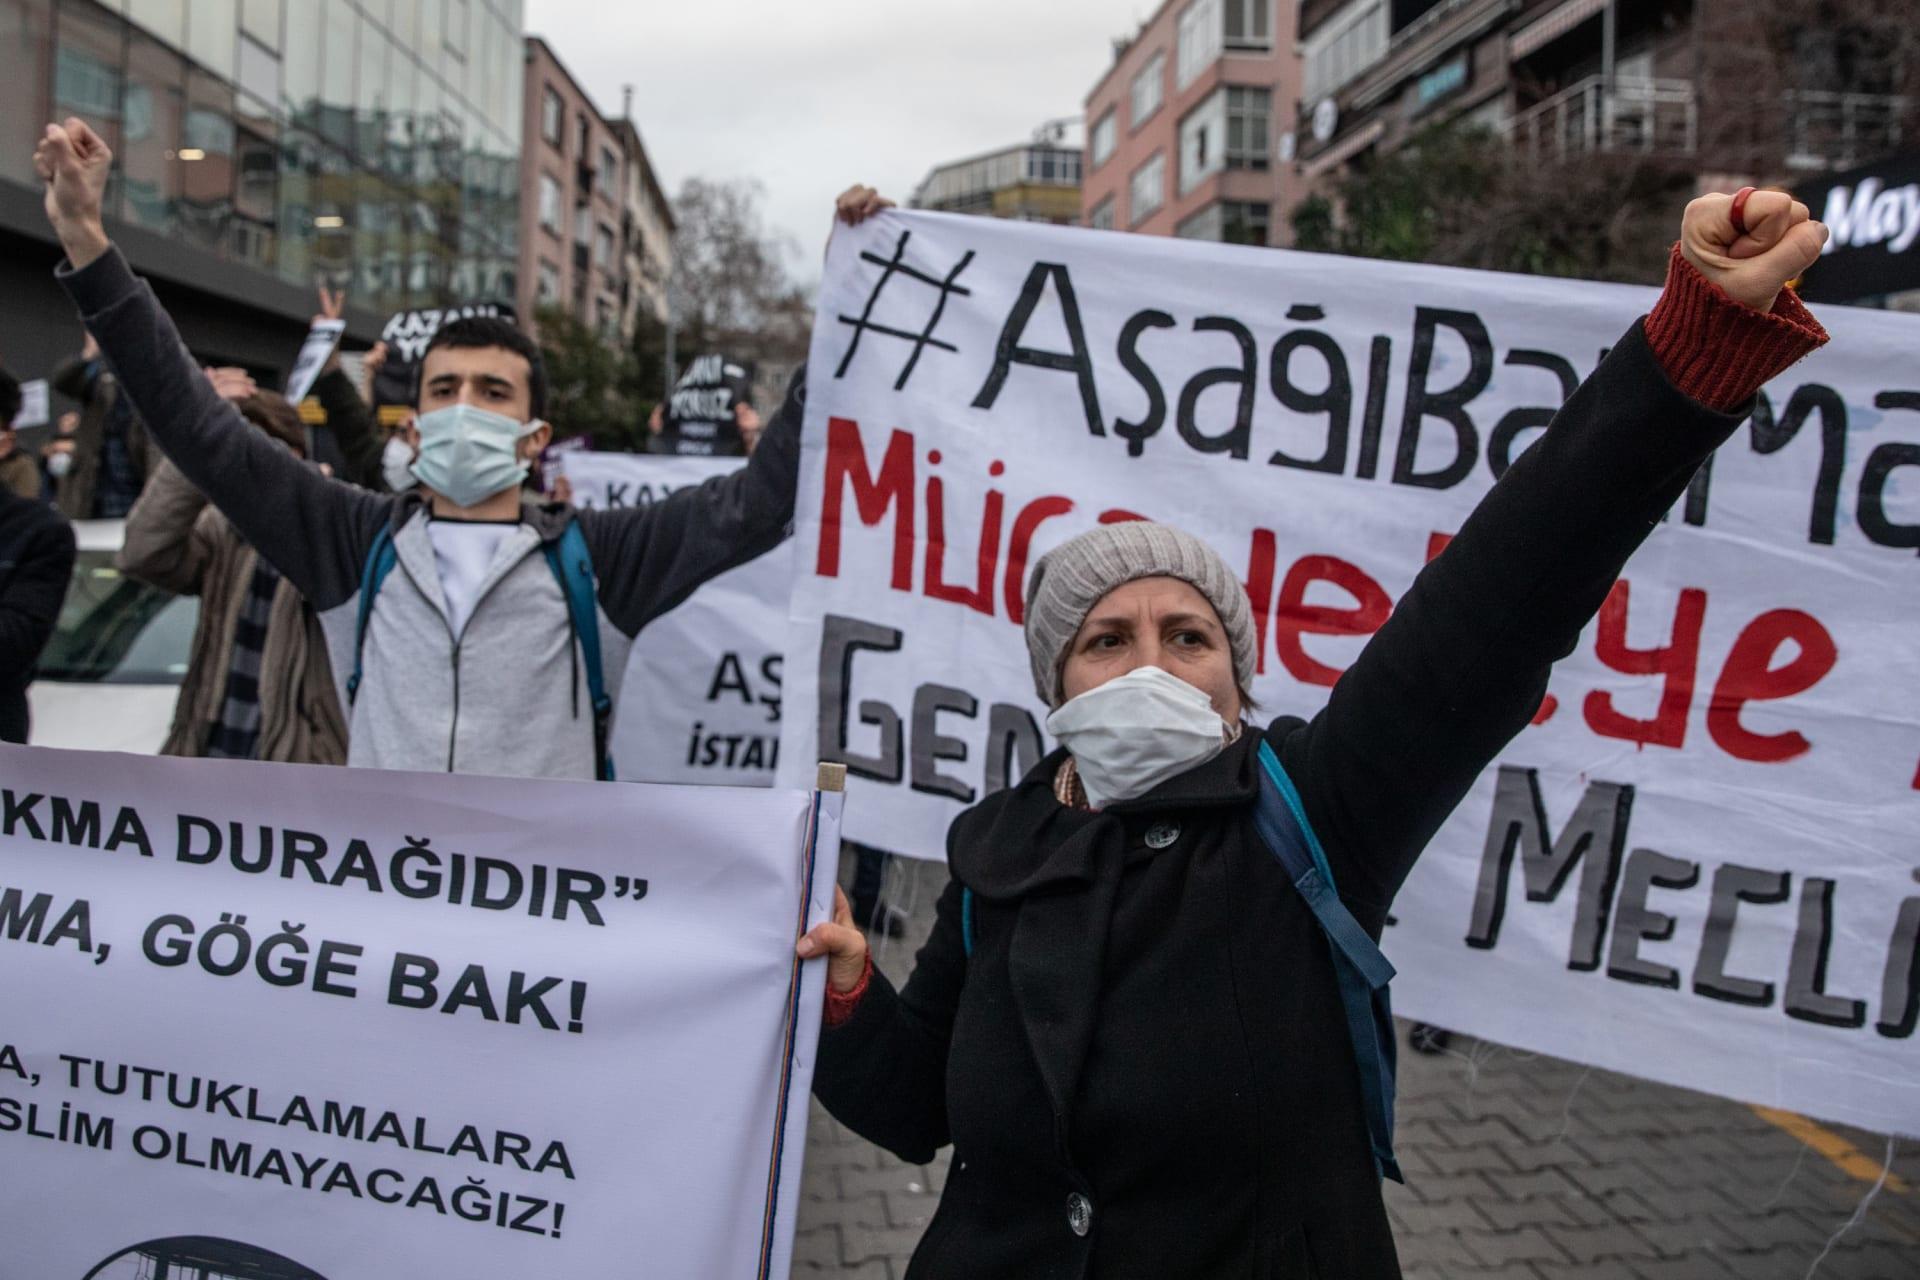 تركيا ترد على انتقادات أمريكية وأممية لقمع أنقرة الاحتجاجات الطلابية